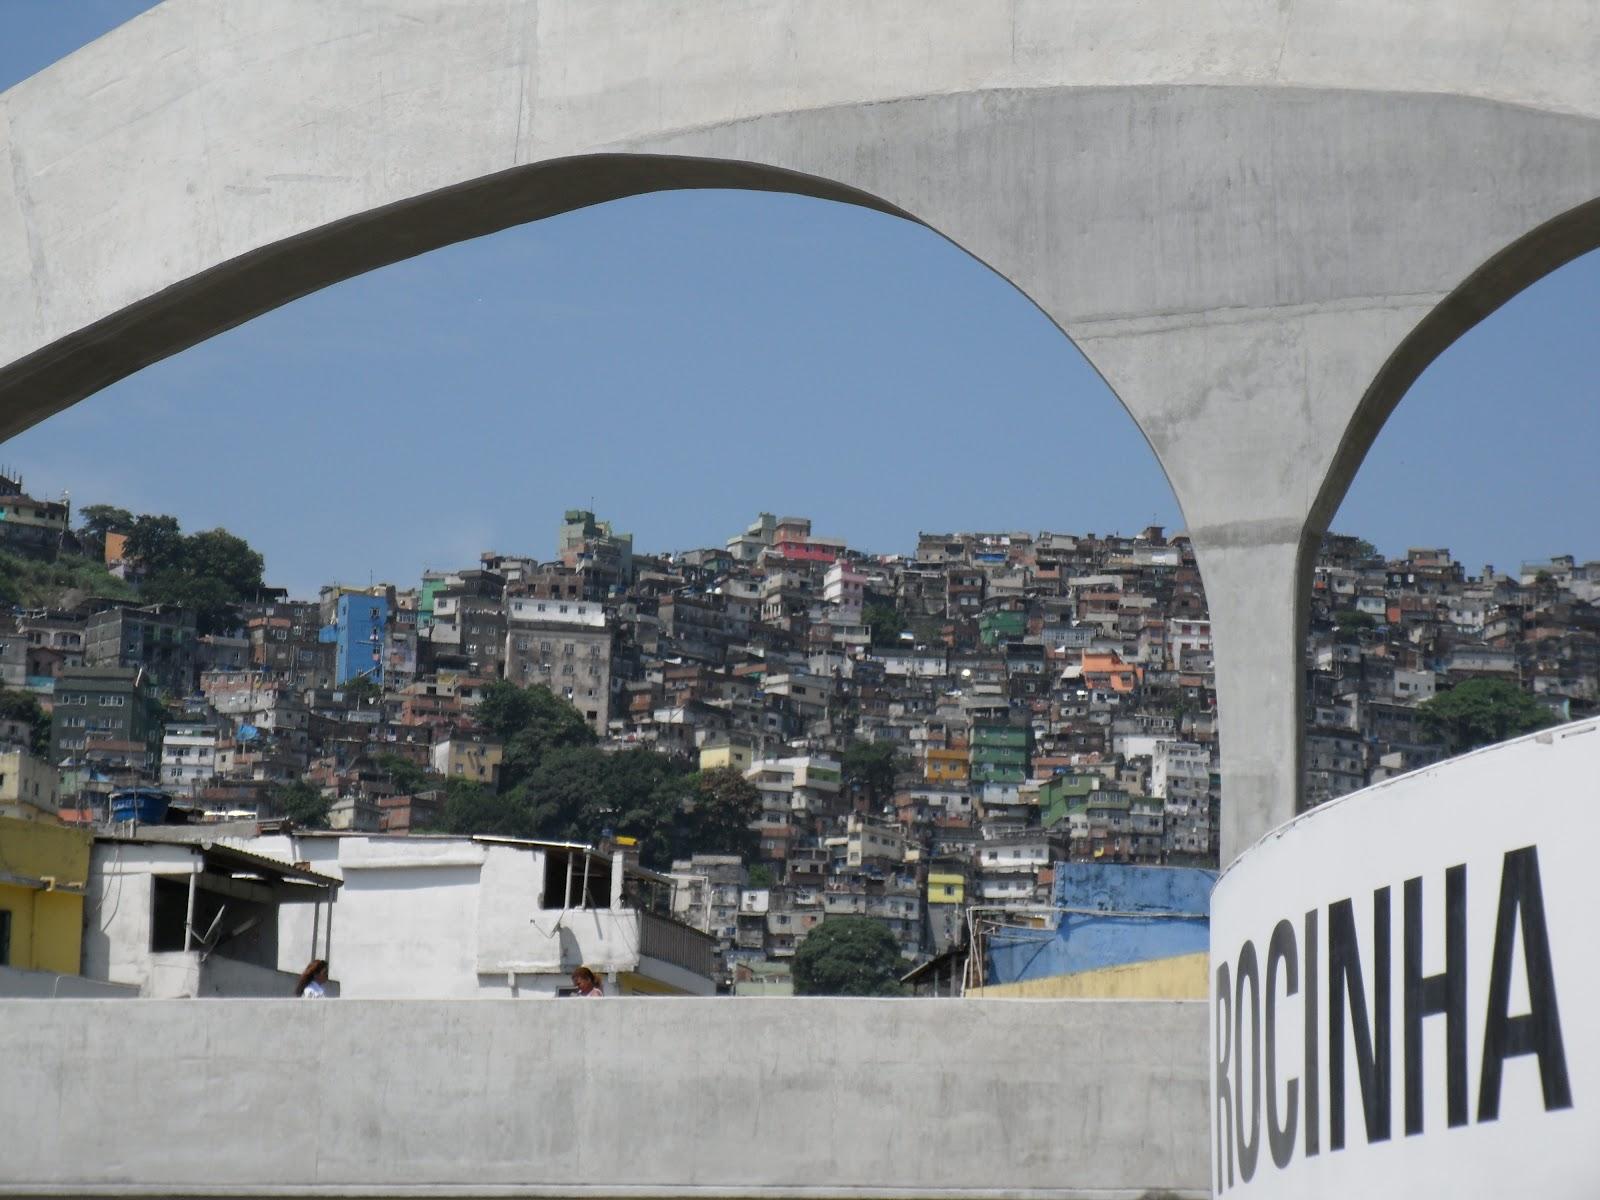 A passarela da Rocinha, no Rio de Janeiro. Foto: Divulgação.